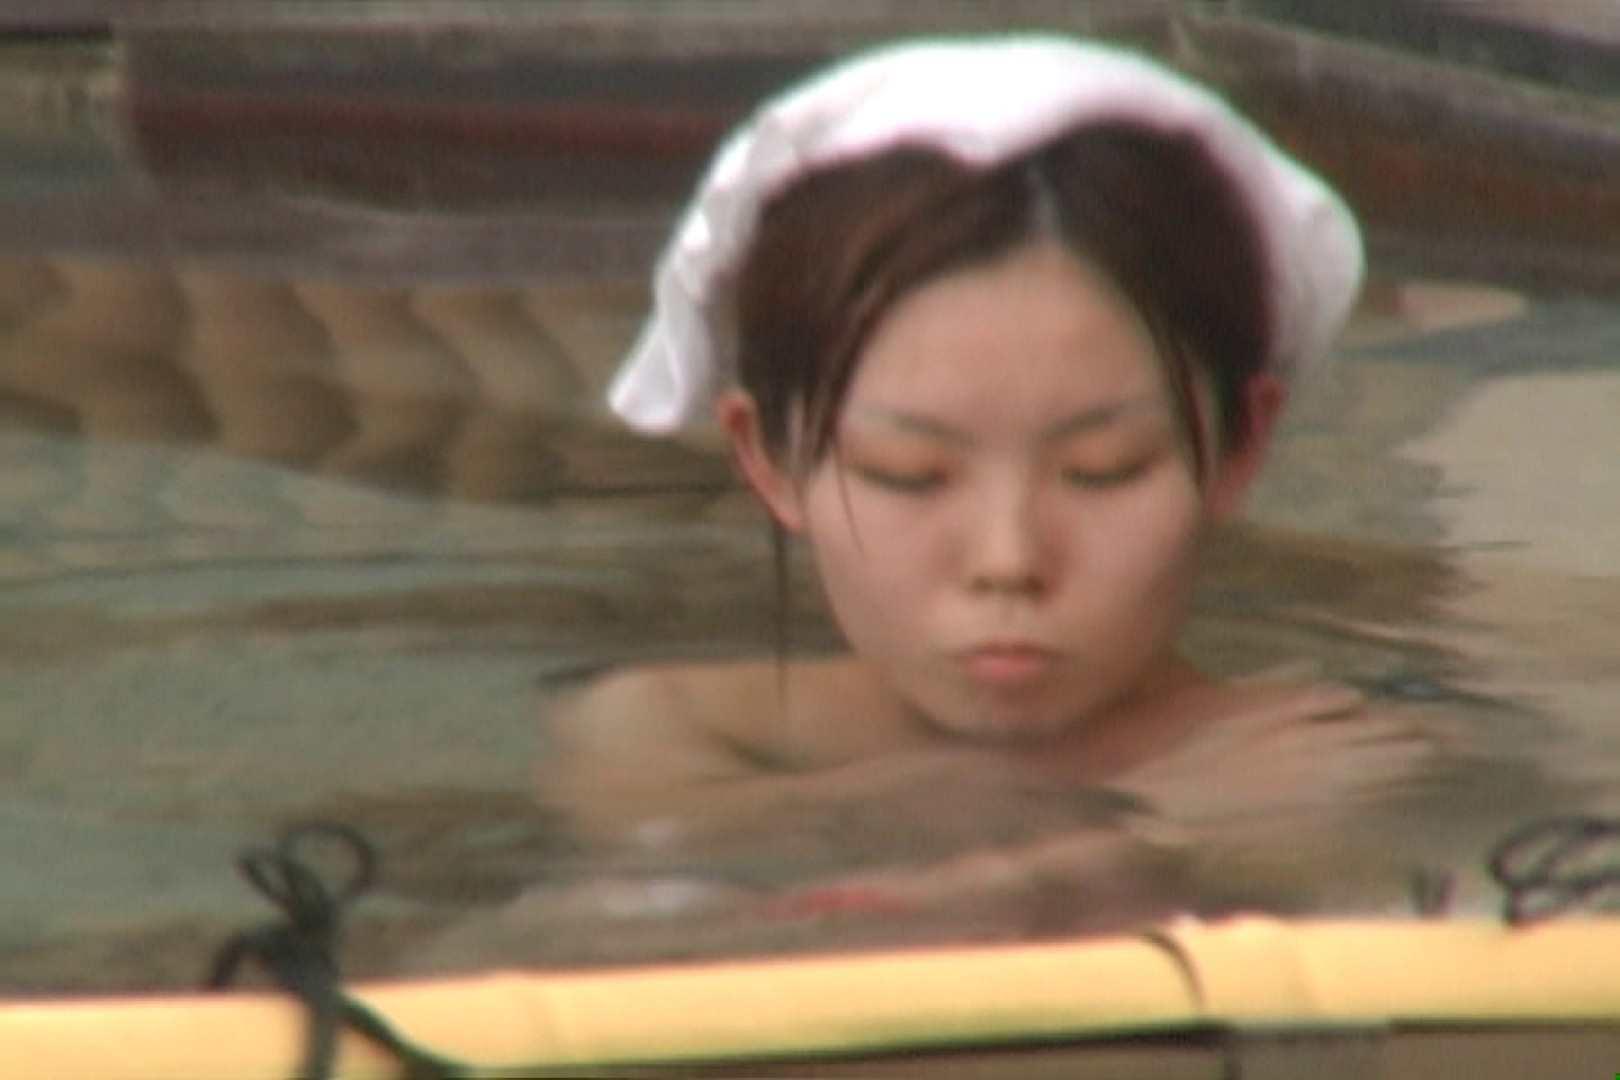 Aquaな露天風呂Vol.580 0   0  103pic 43